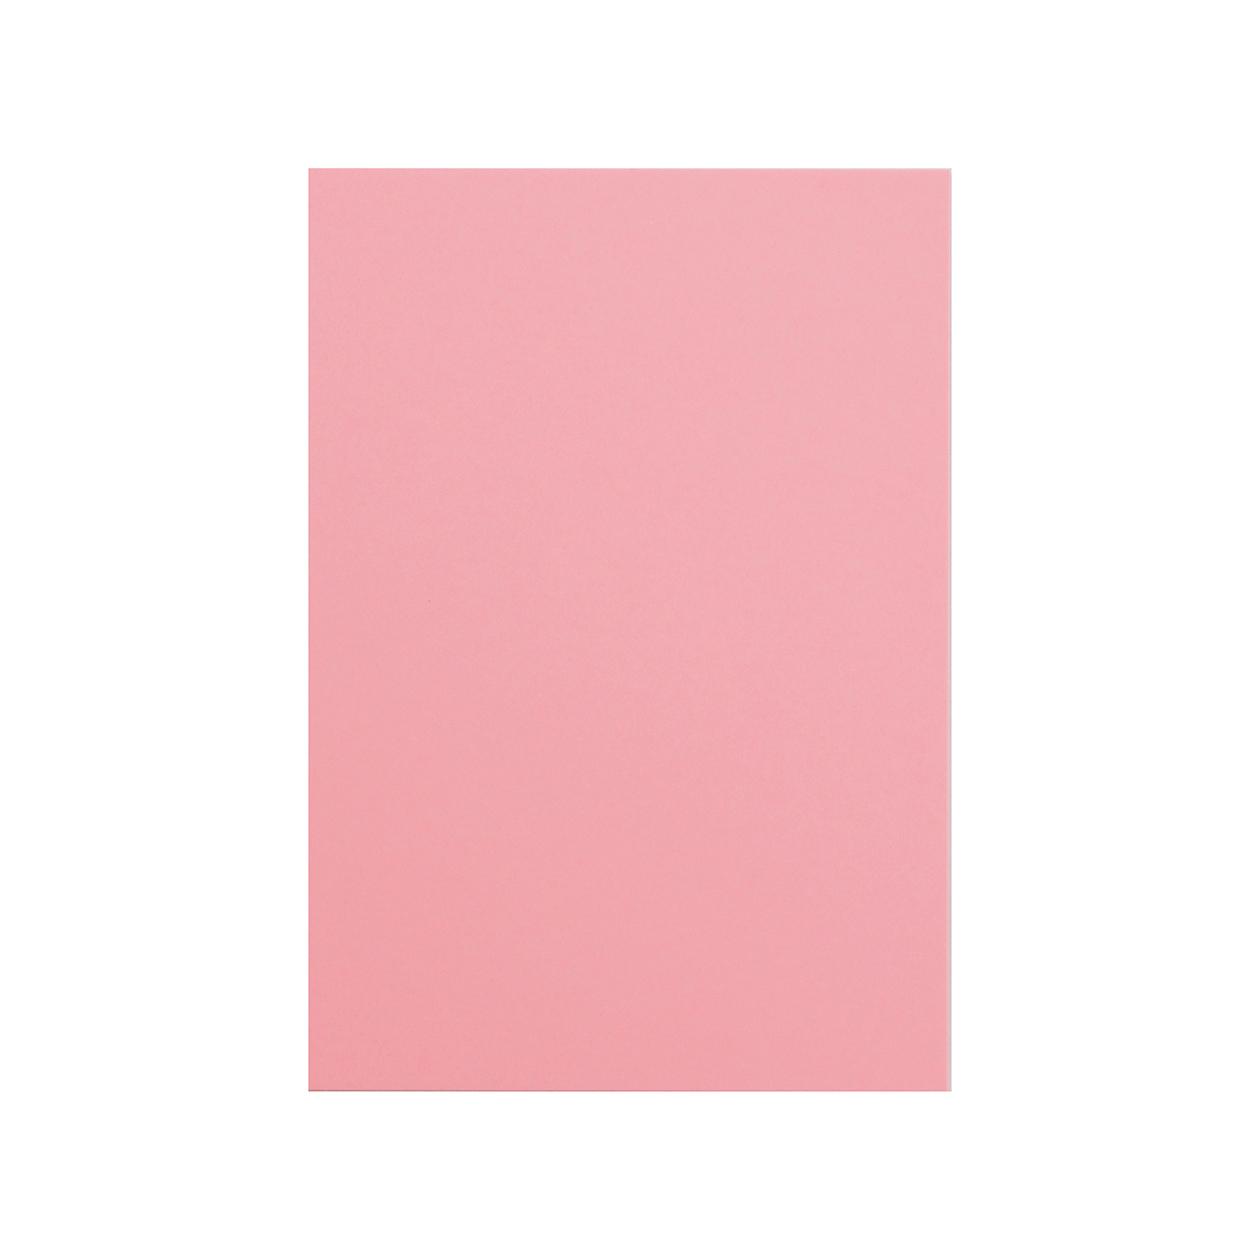 Pカード ボード紙 ピンク 465g